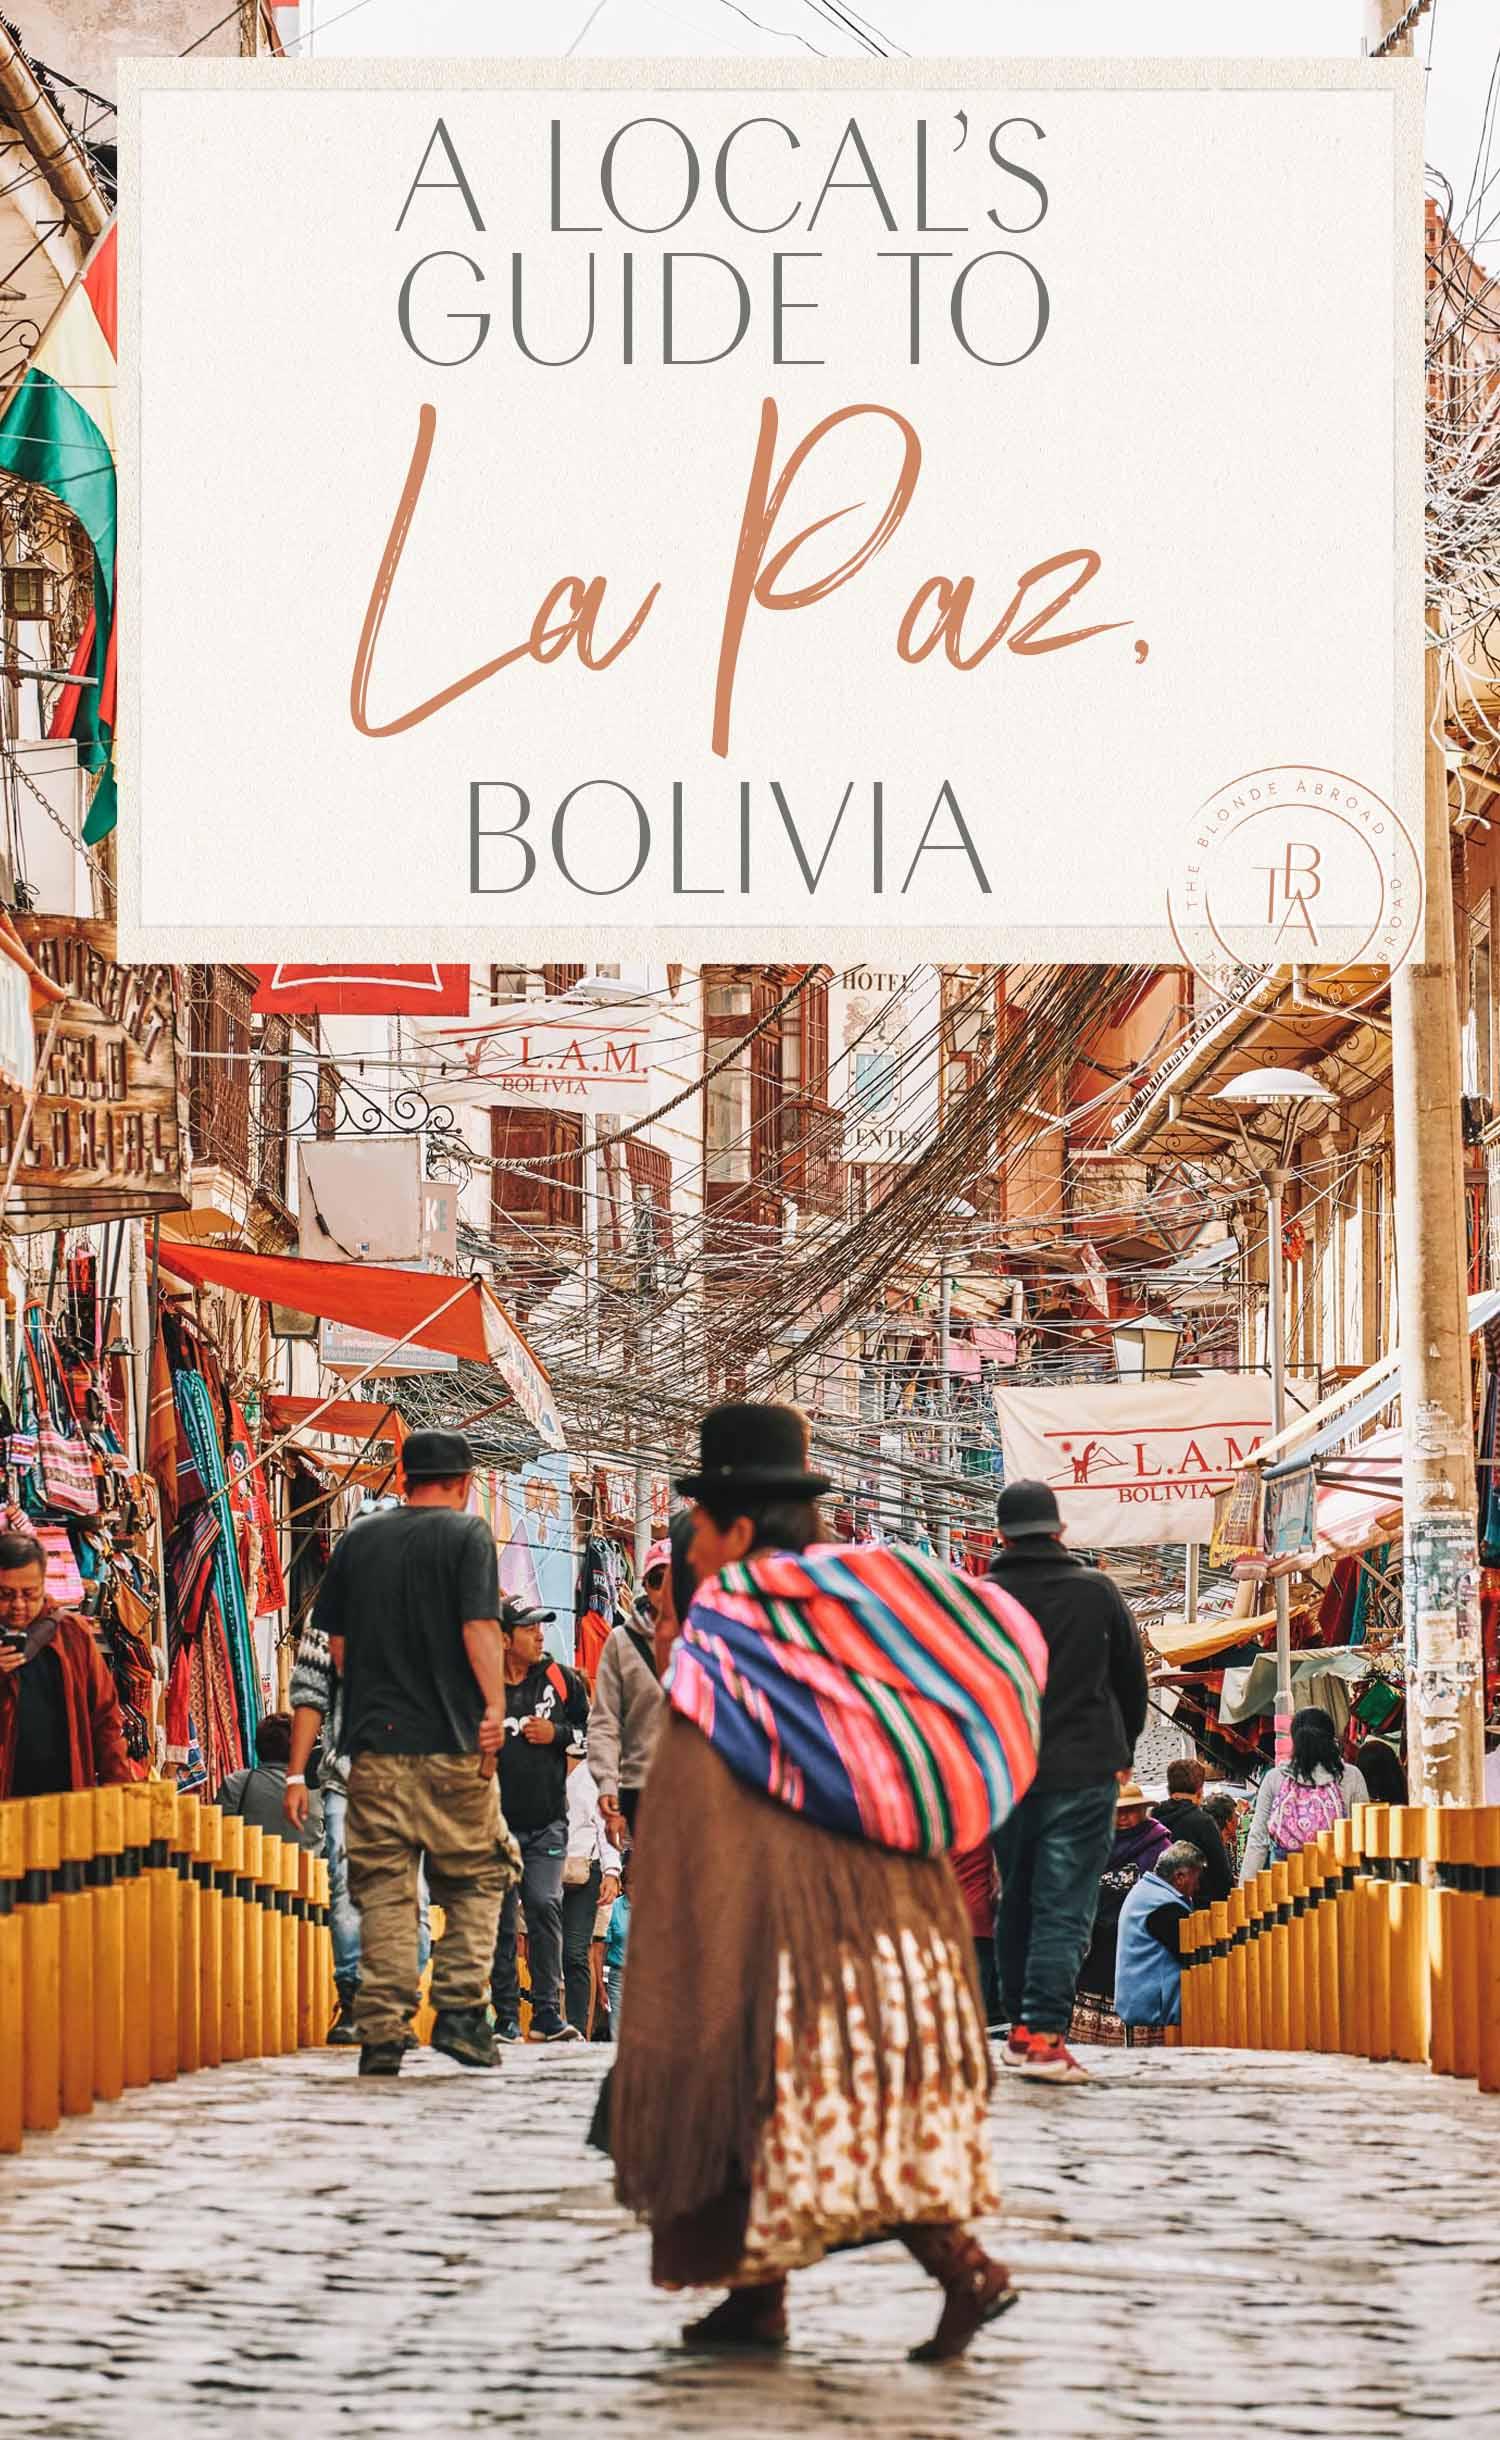 Local's Guide to La Paz Bolivia